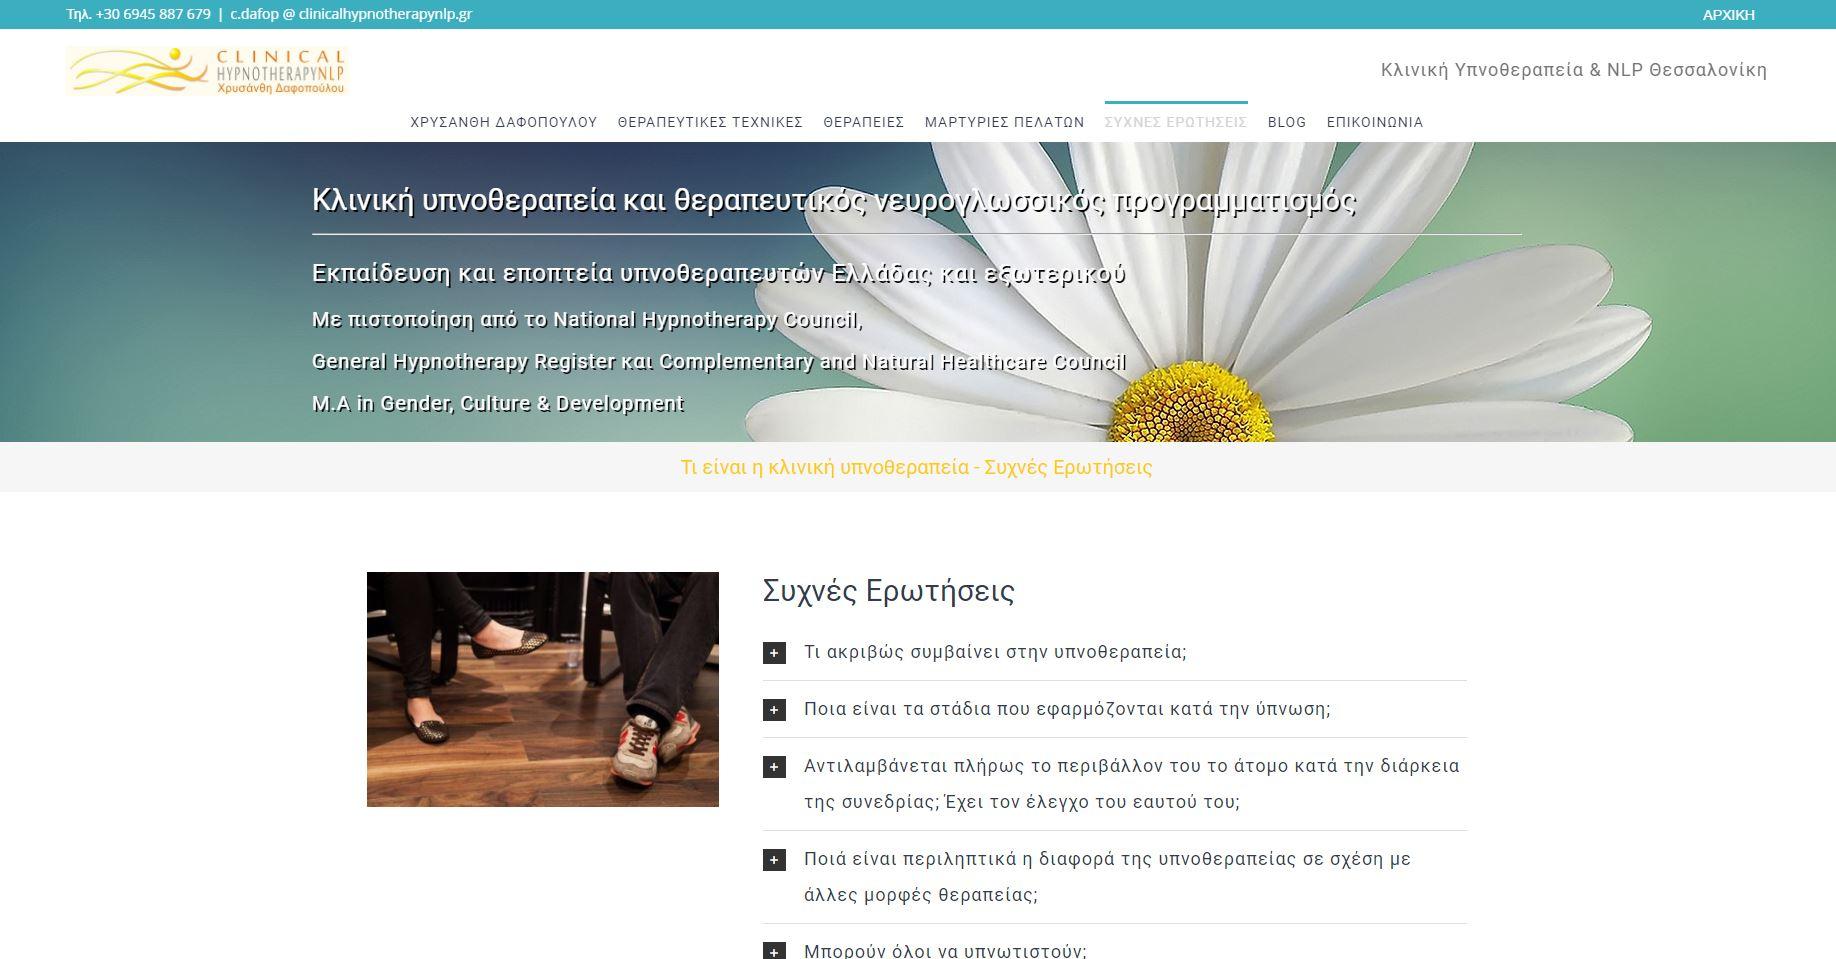 Κατασκευή ιστοσελίδας - design ιστοσελίδας 03